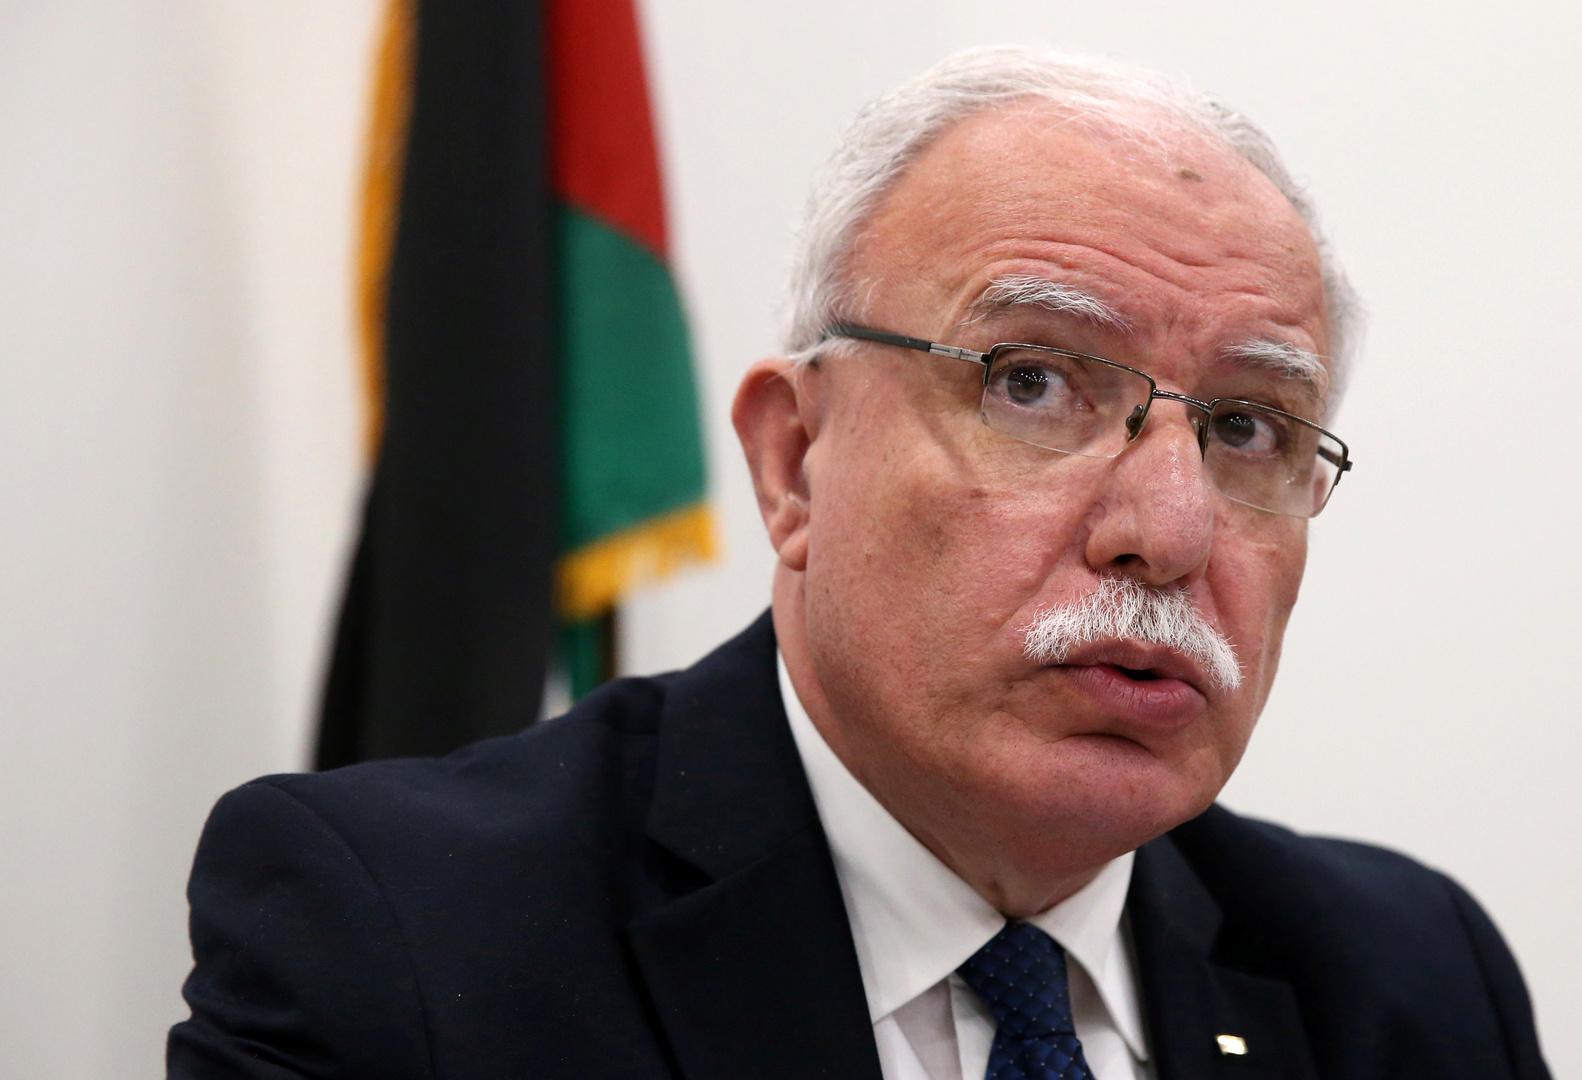 وزير الخارجية الفليطسني رياض المالكي